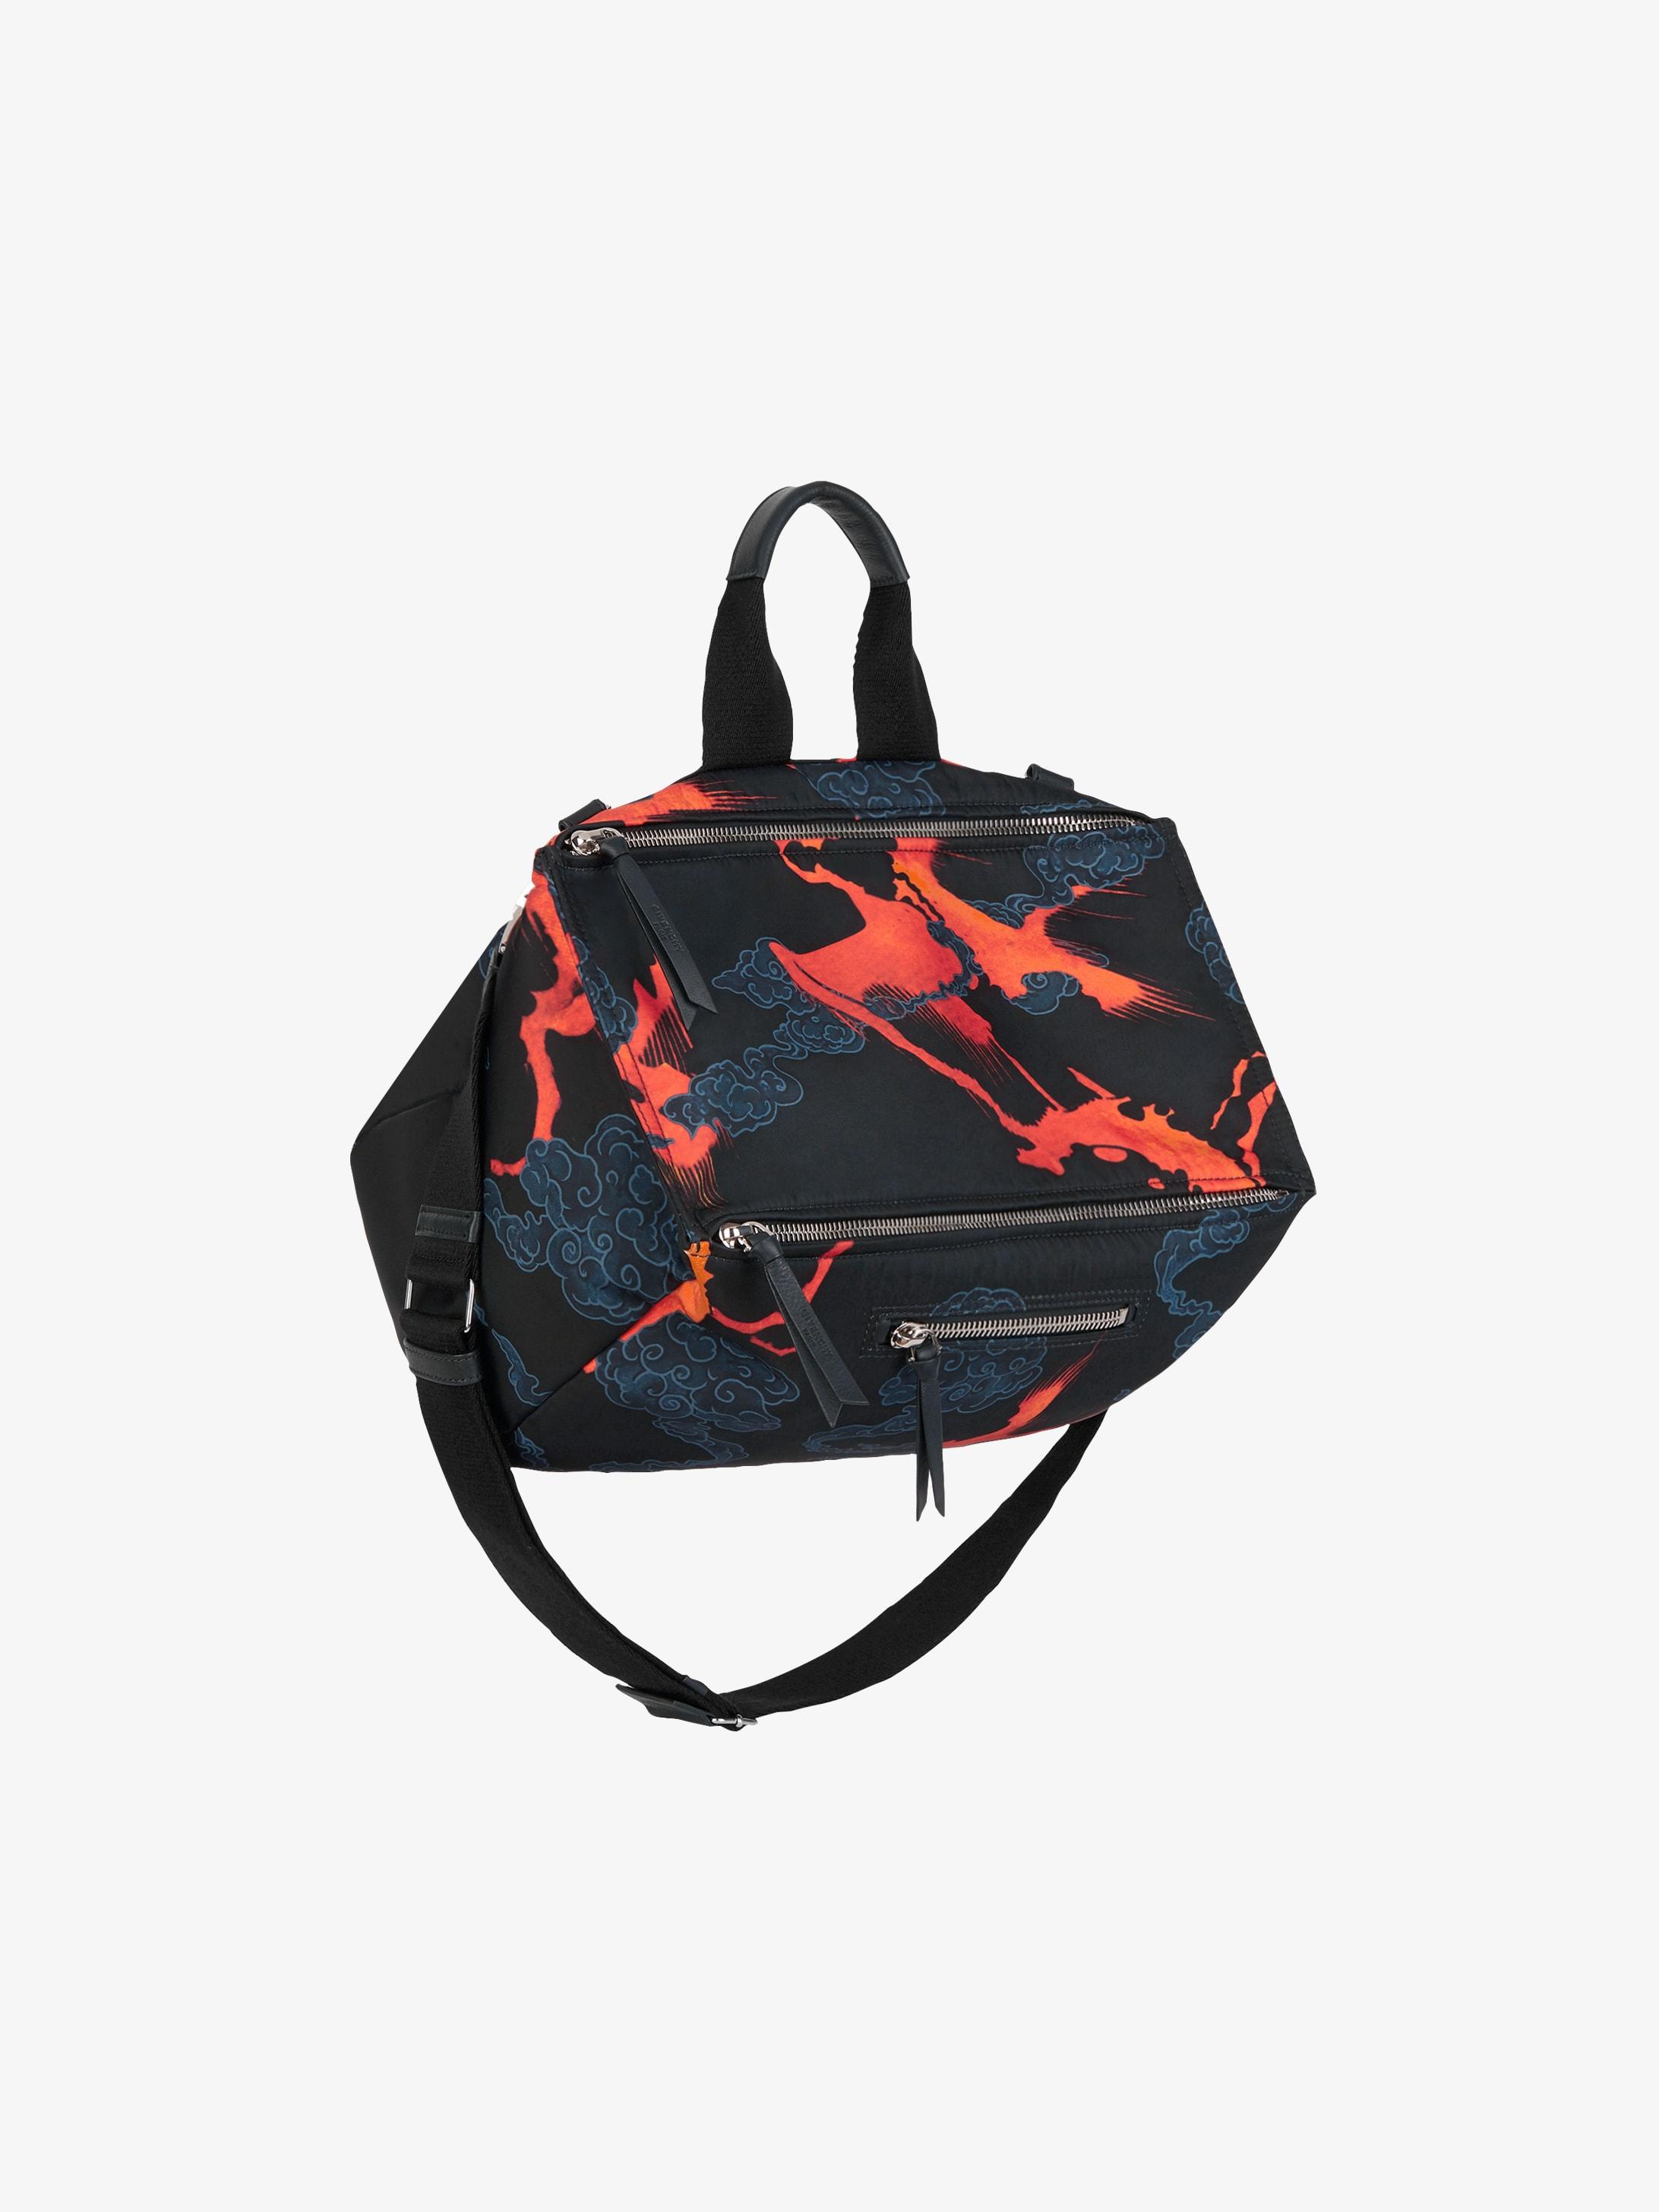 Hell's Fire Pandora messenger bag